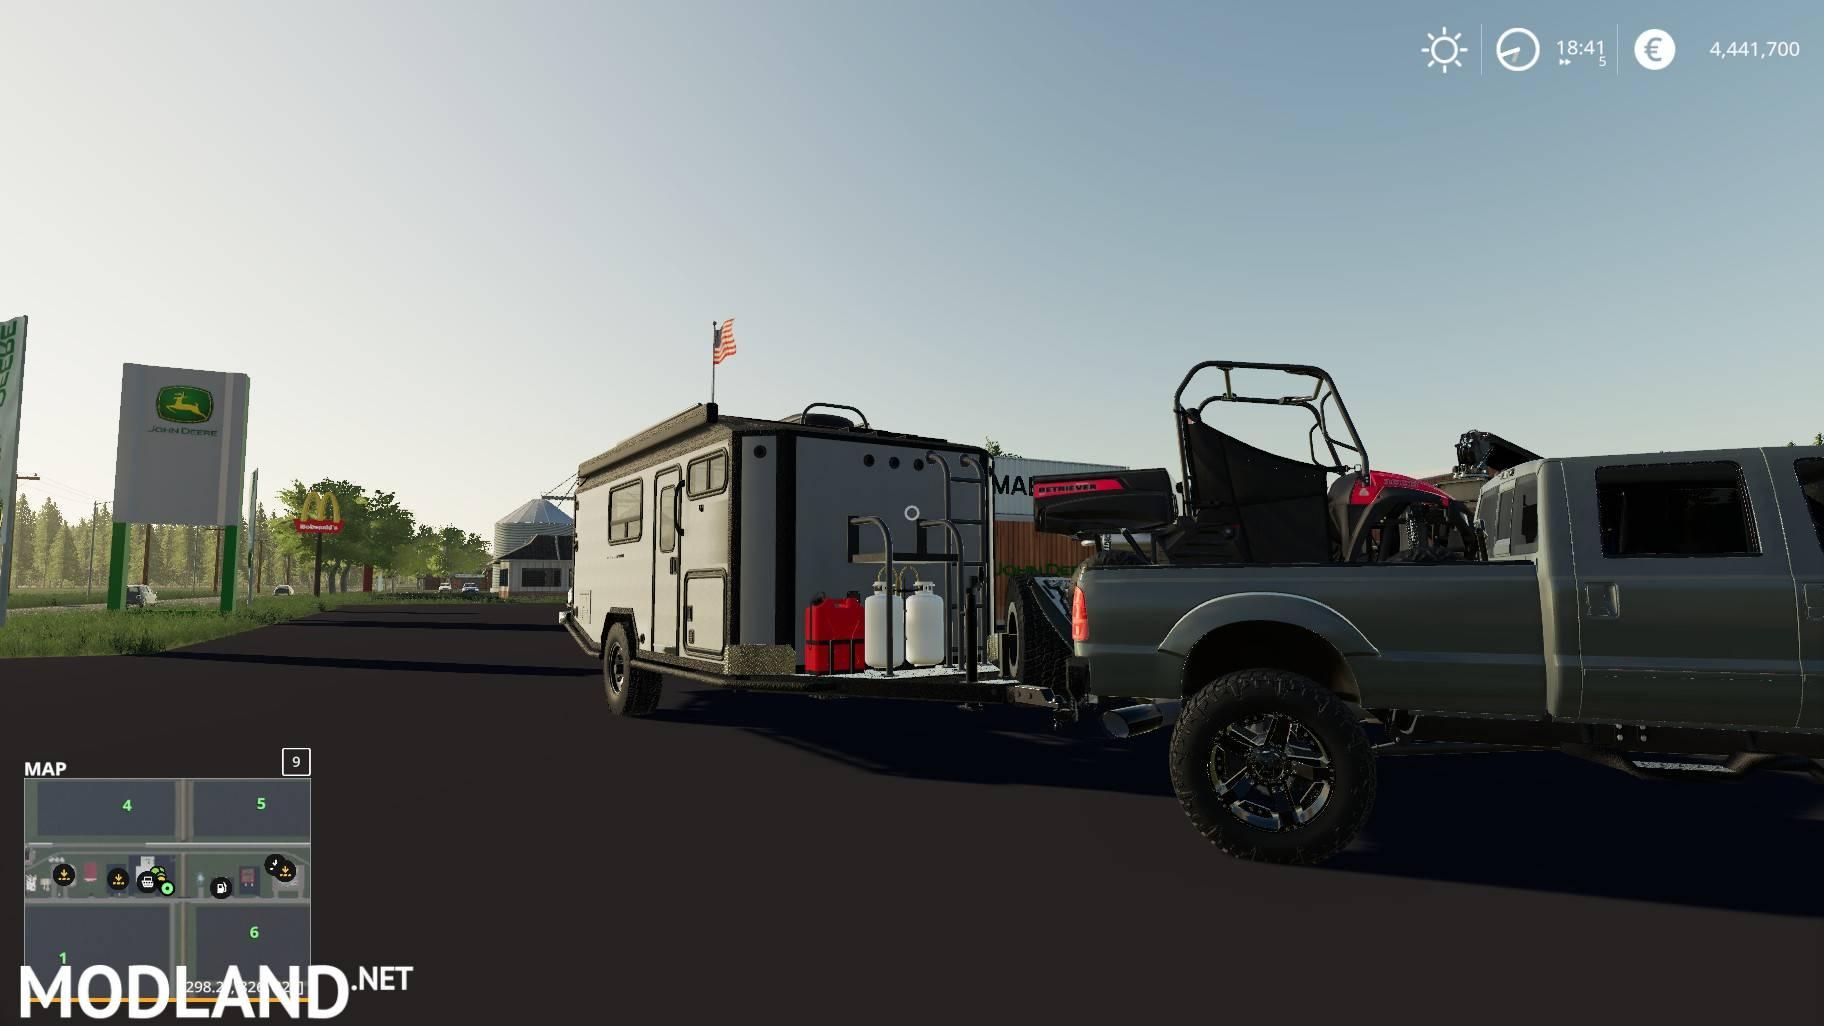 Adak Off Road Camper